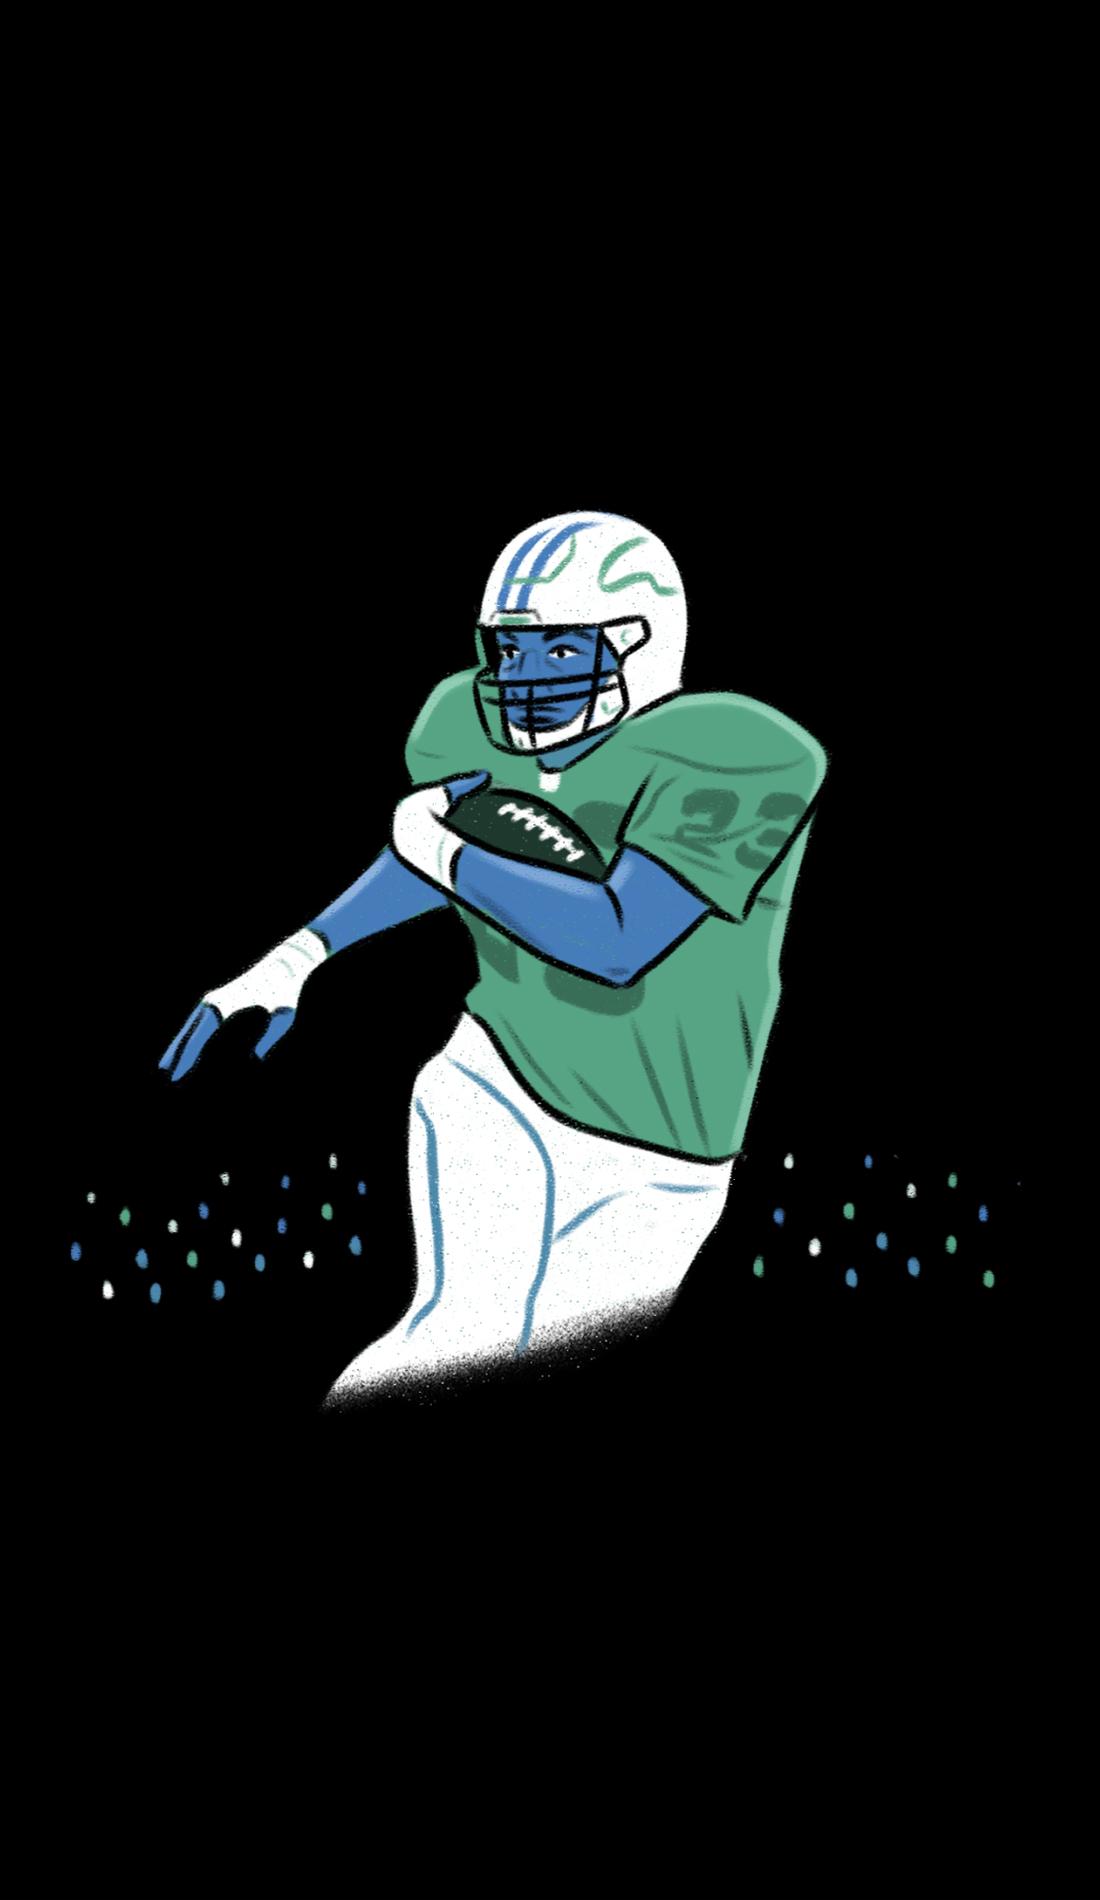 A New Mexico Bowl live event